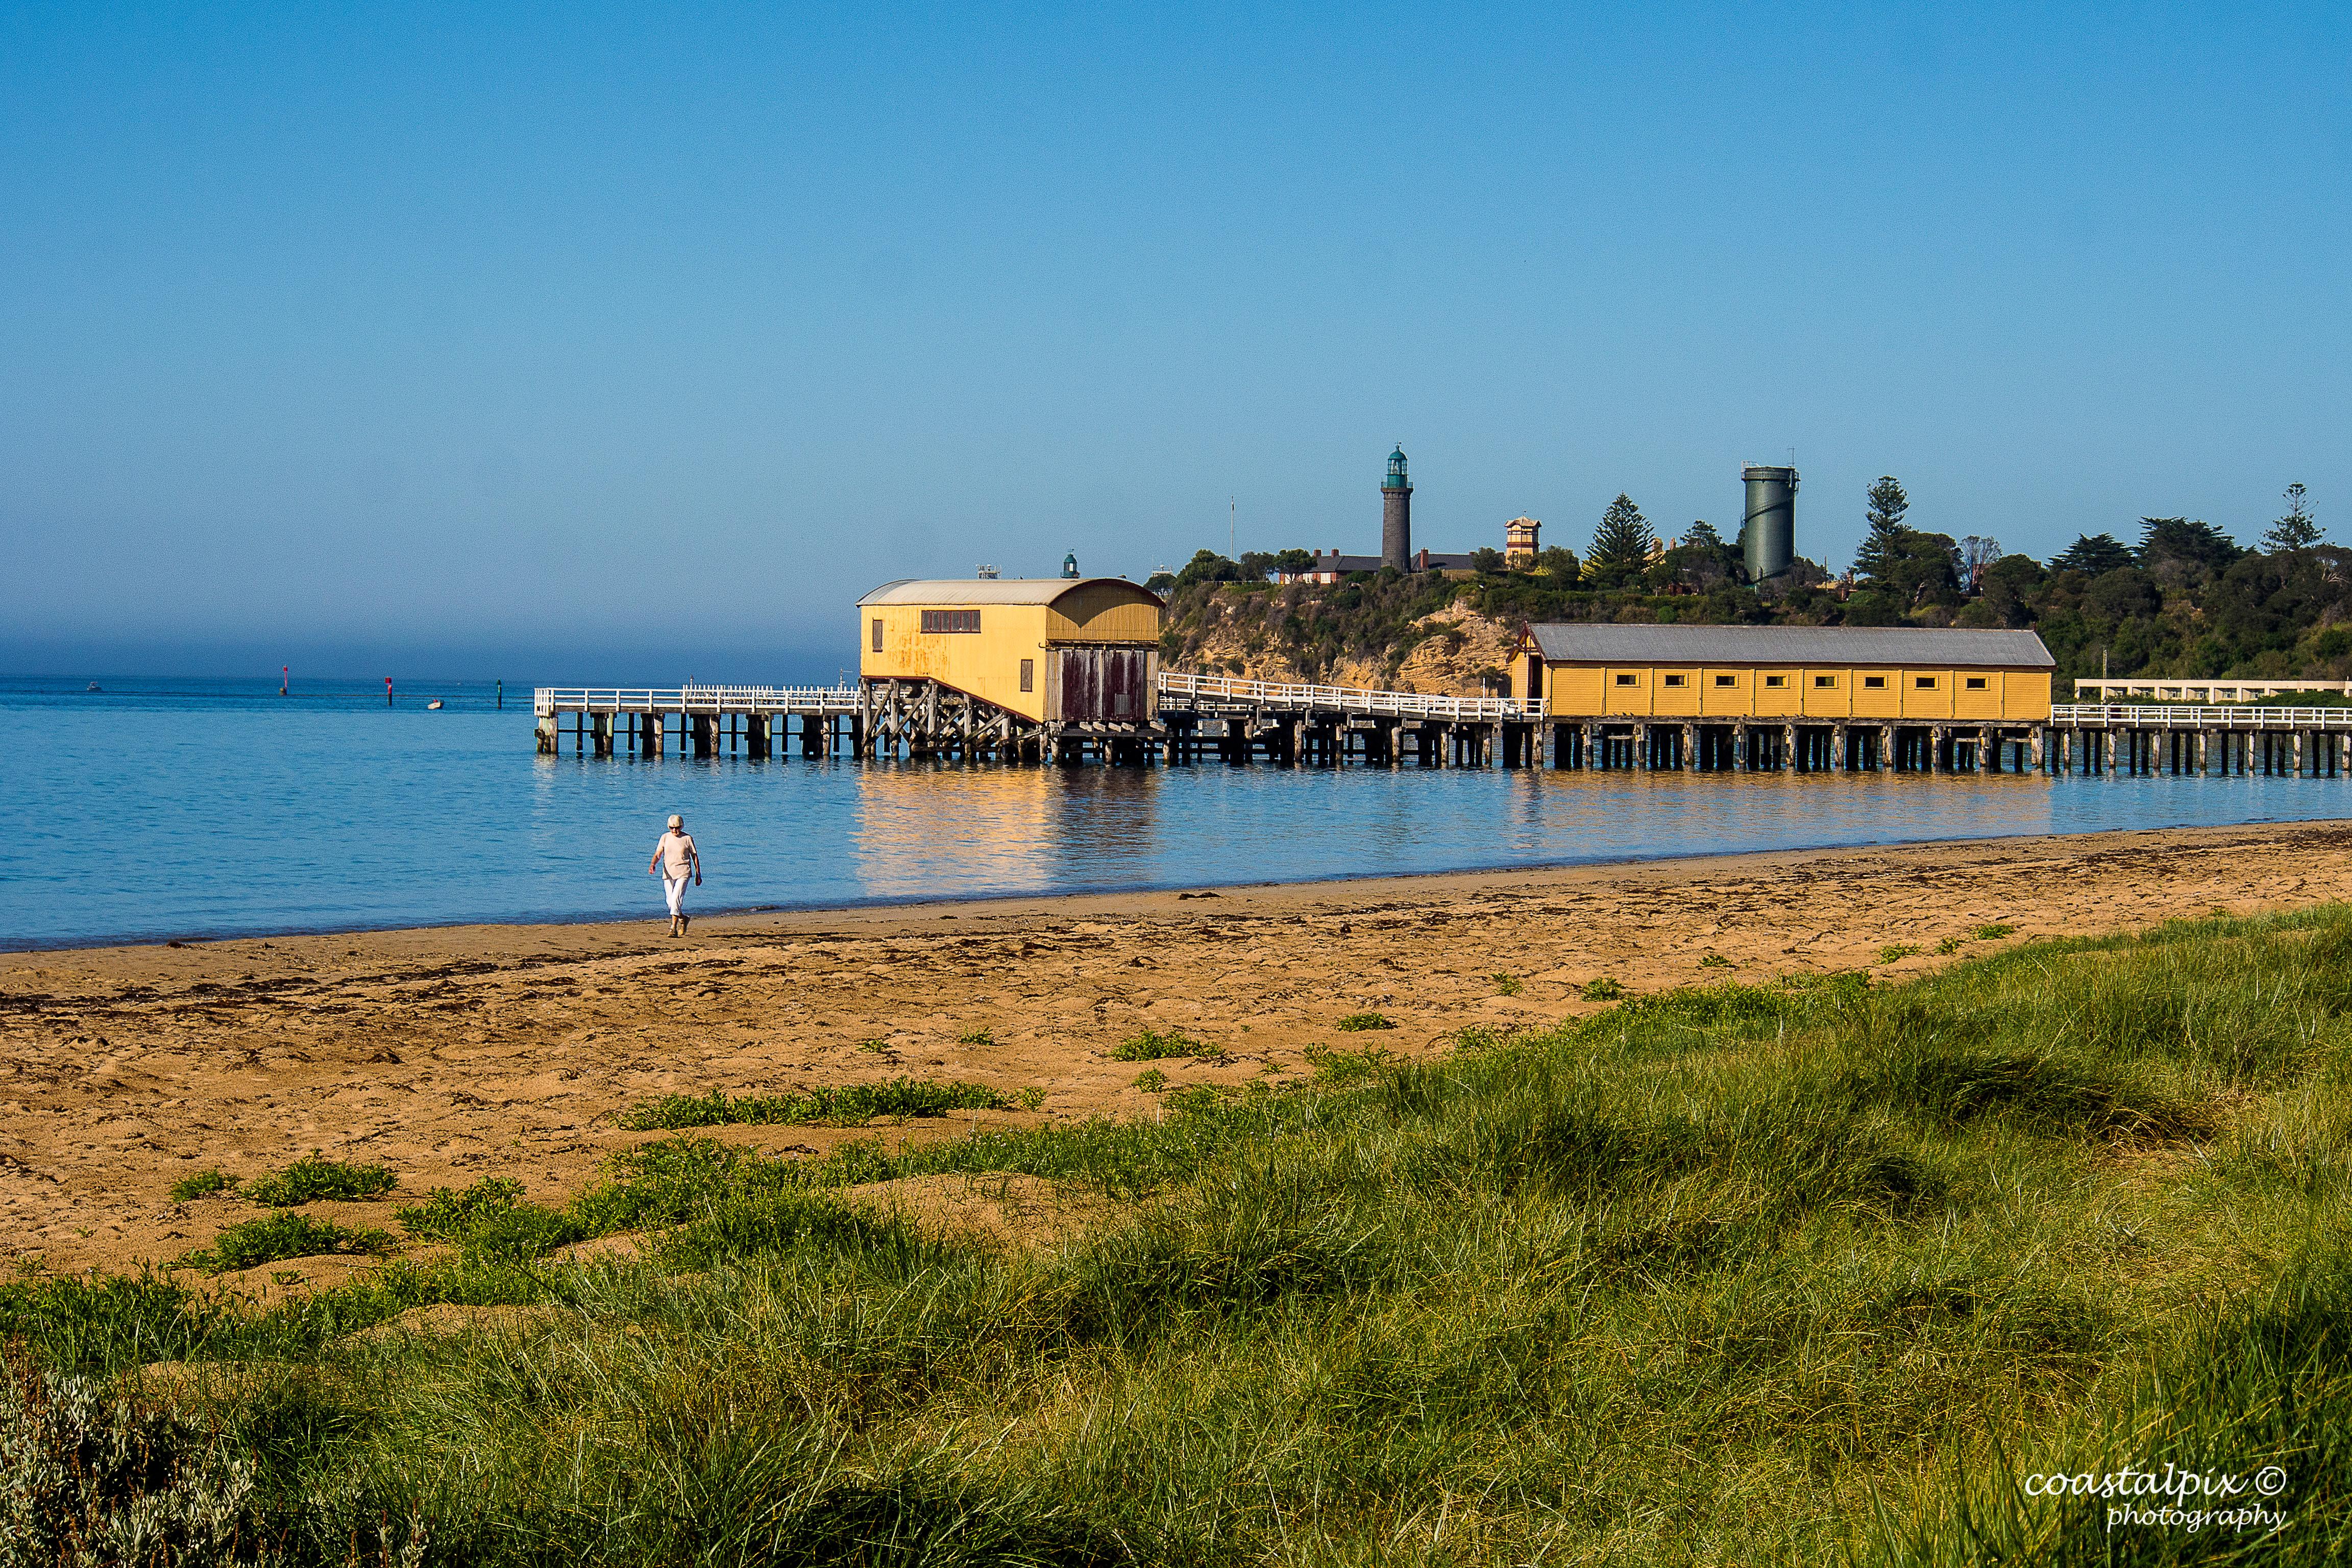 coastalpix-queenscliff-b206354-image.jpg